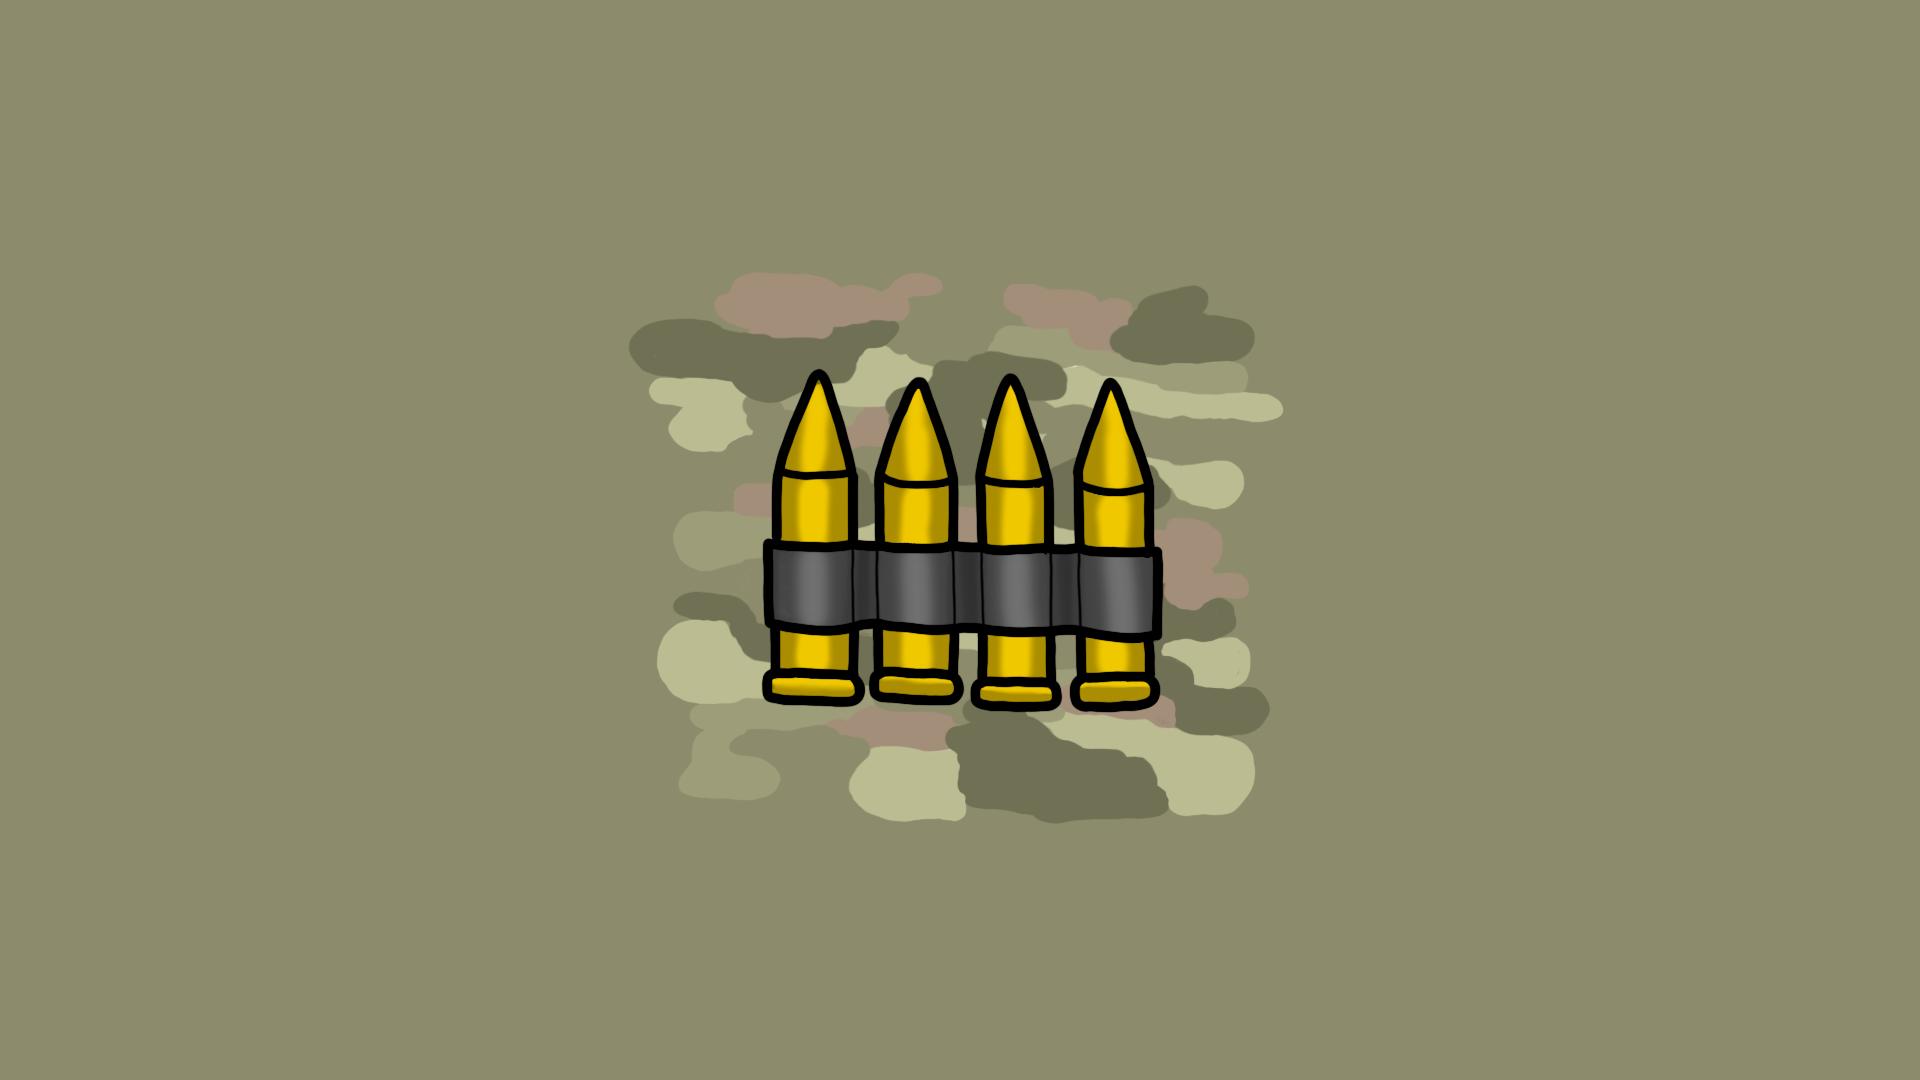 Heavy ammo